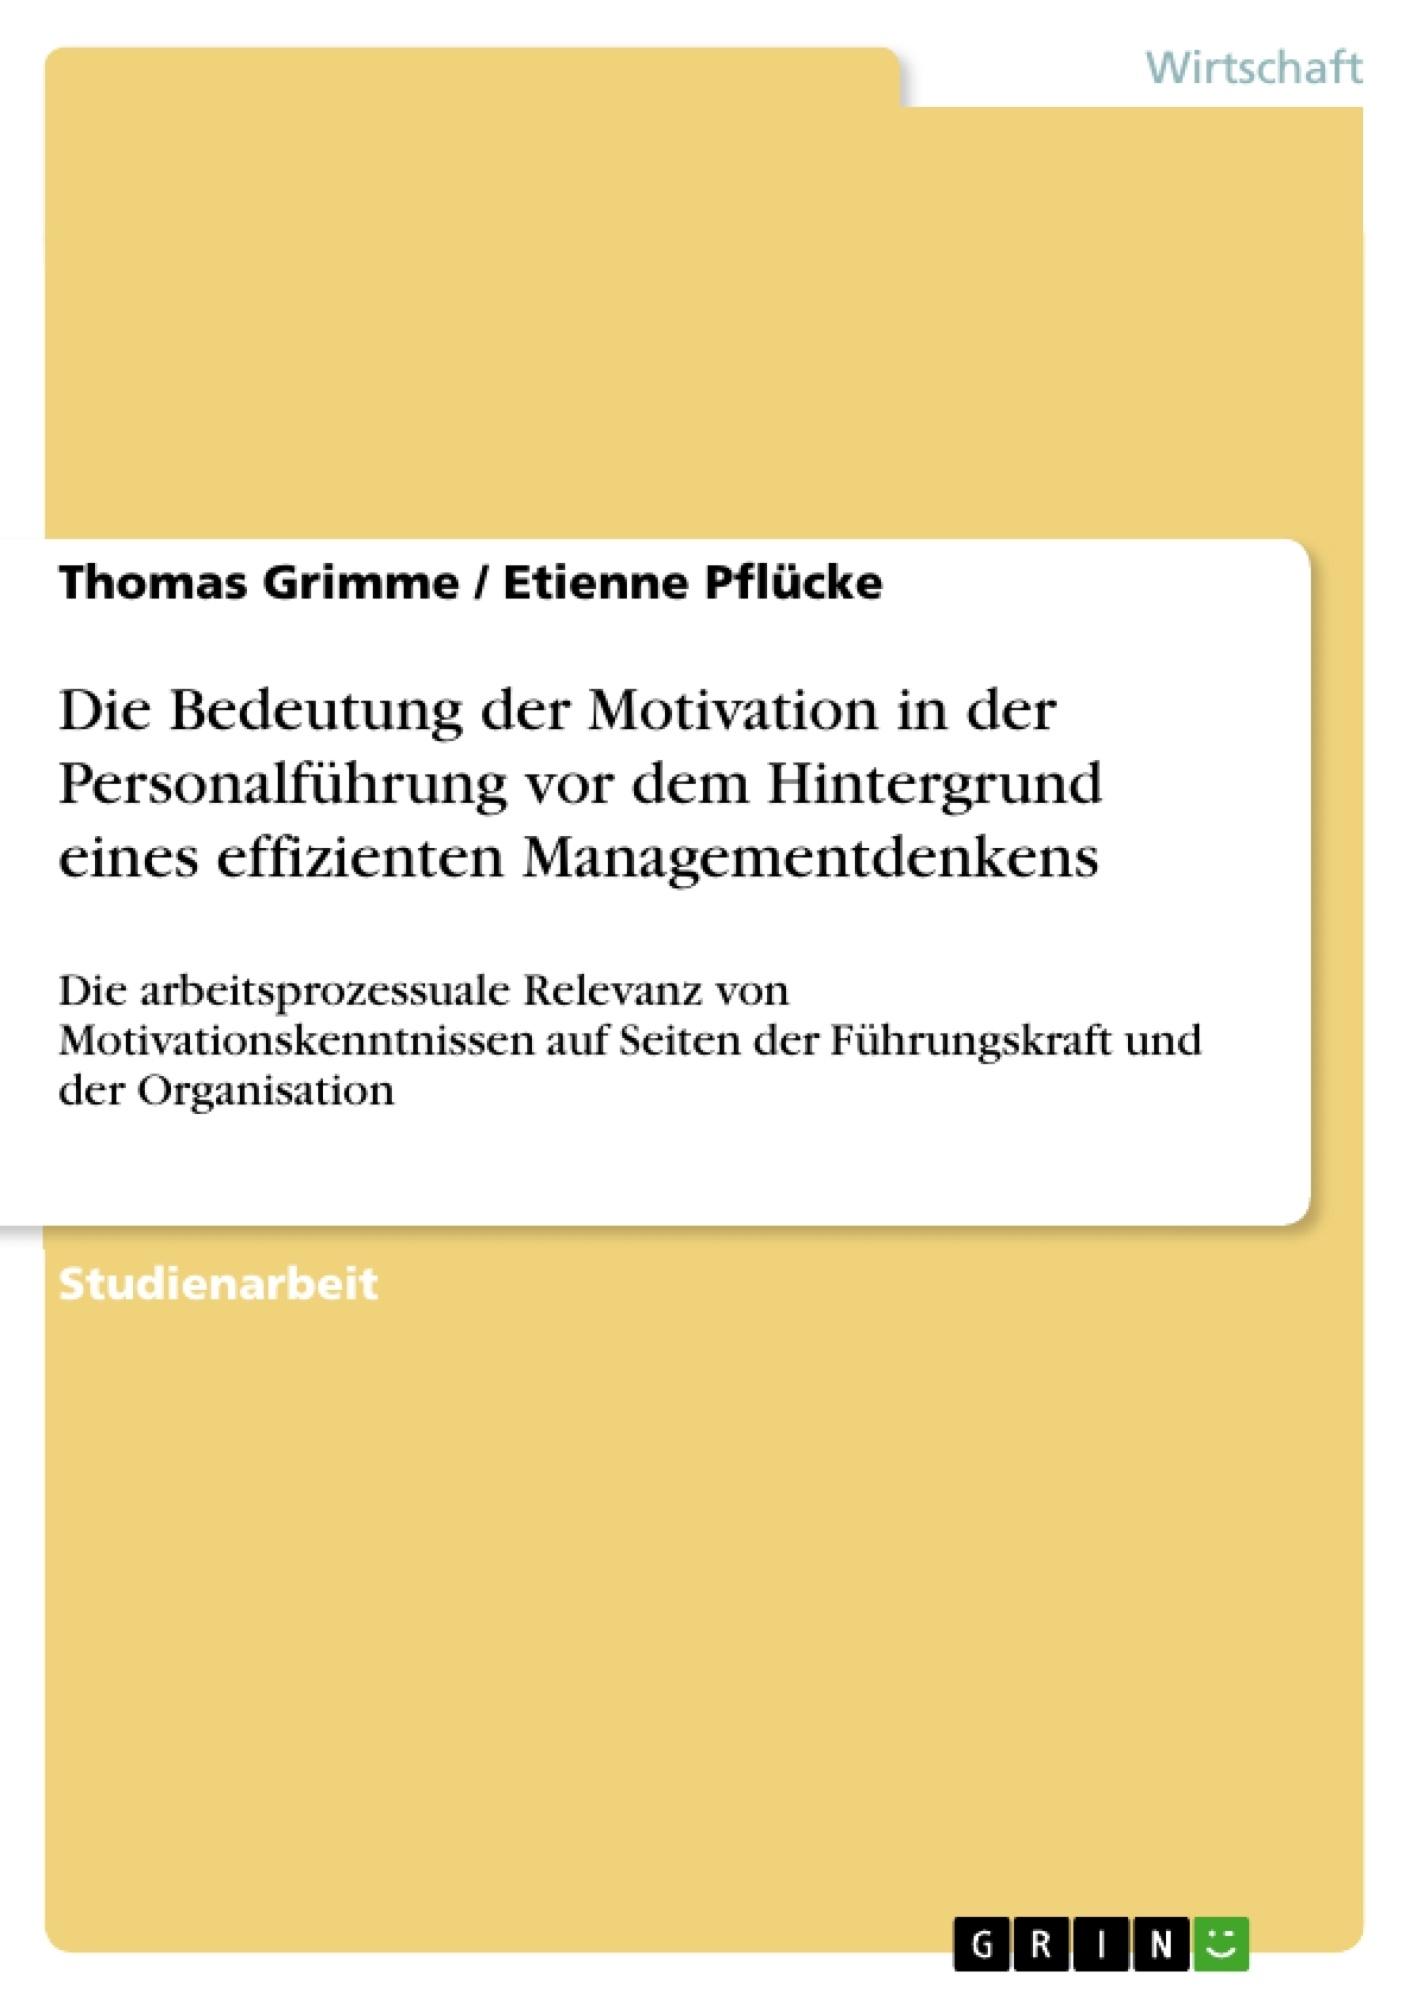 Titel: Die Bedeutung der Motivation in der Personalführung vor dem Hintergrund eines effizienten Managementdenkens